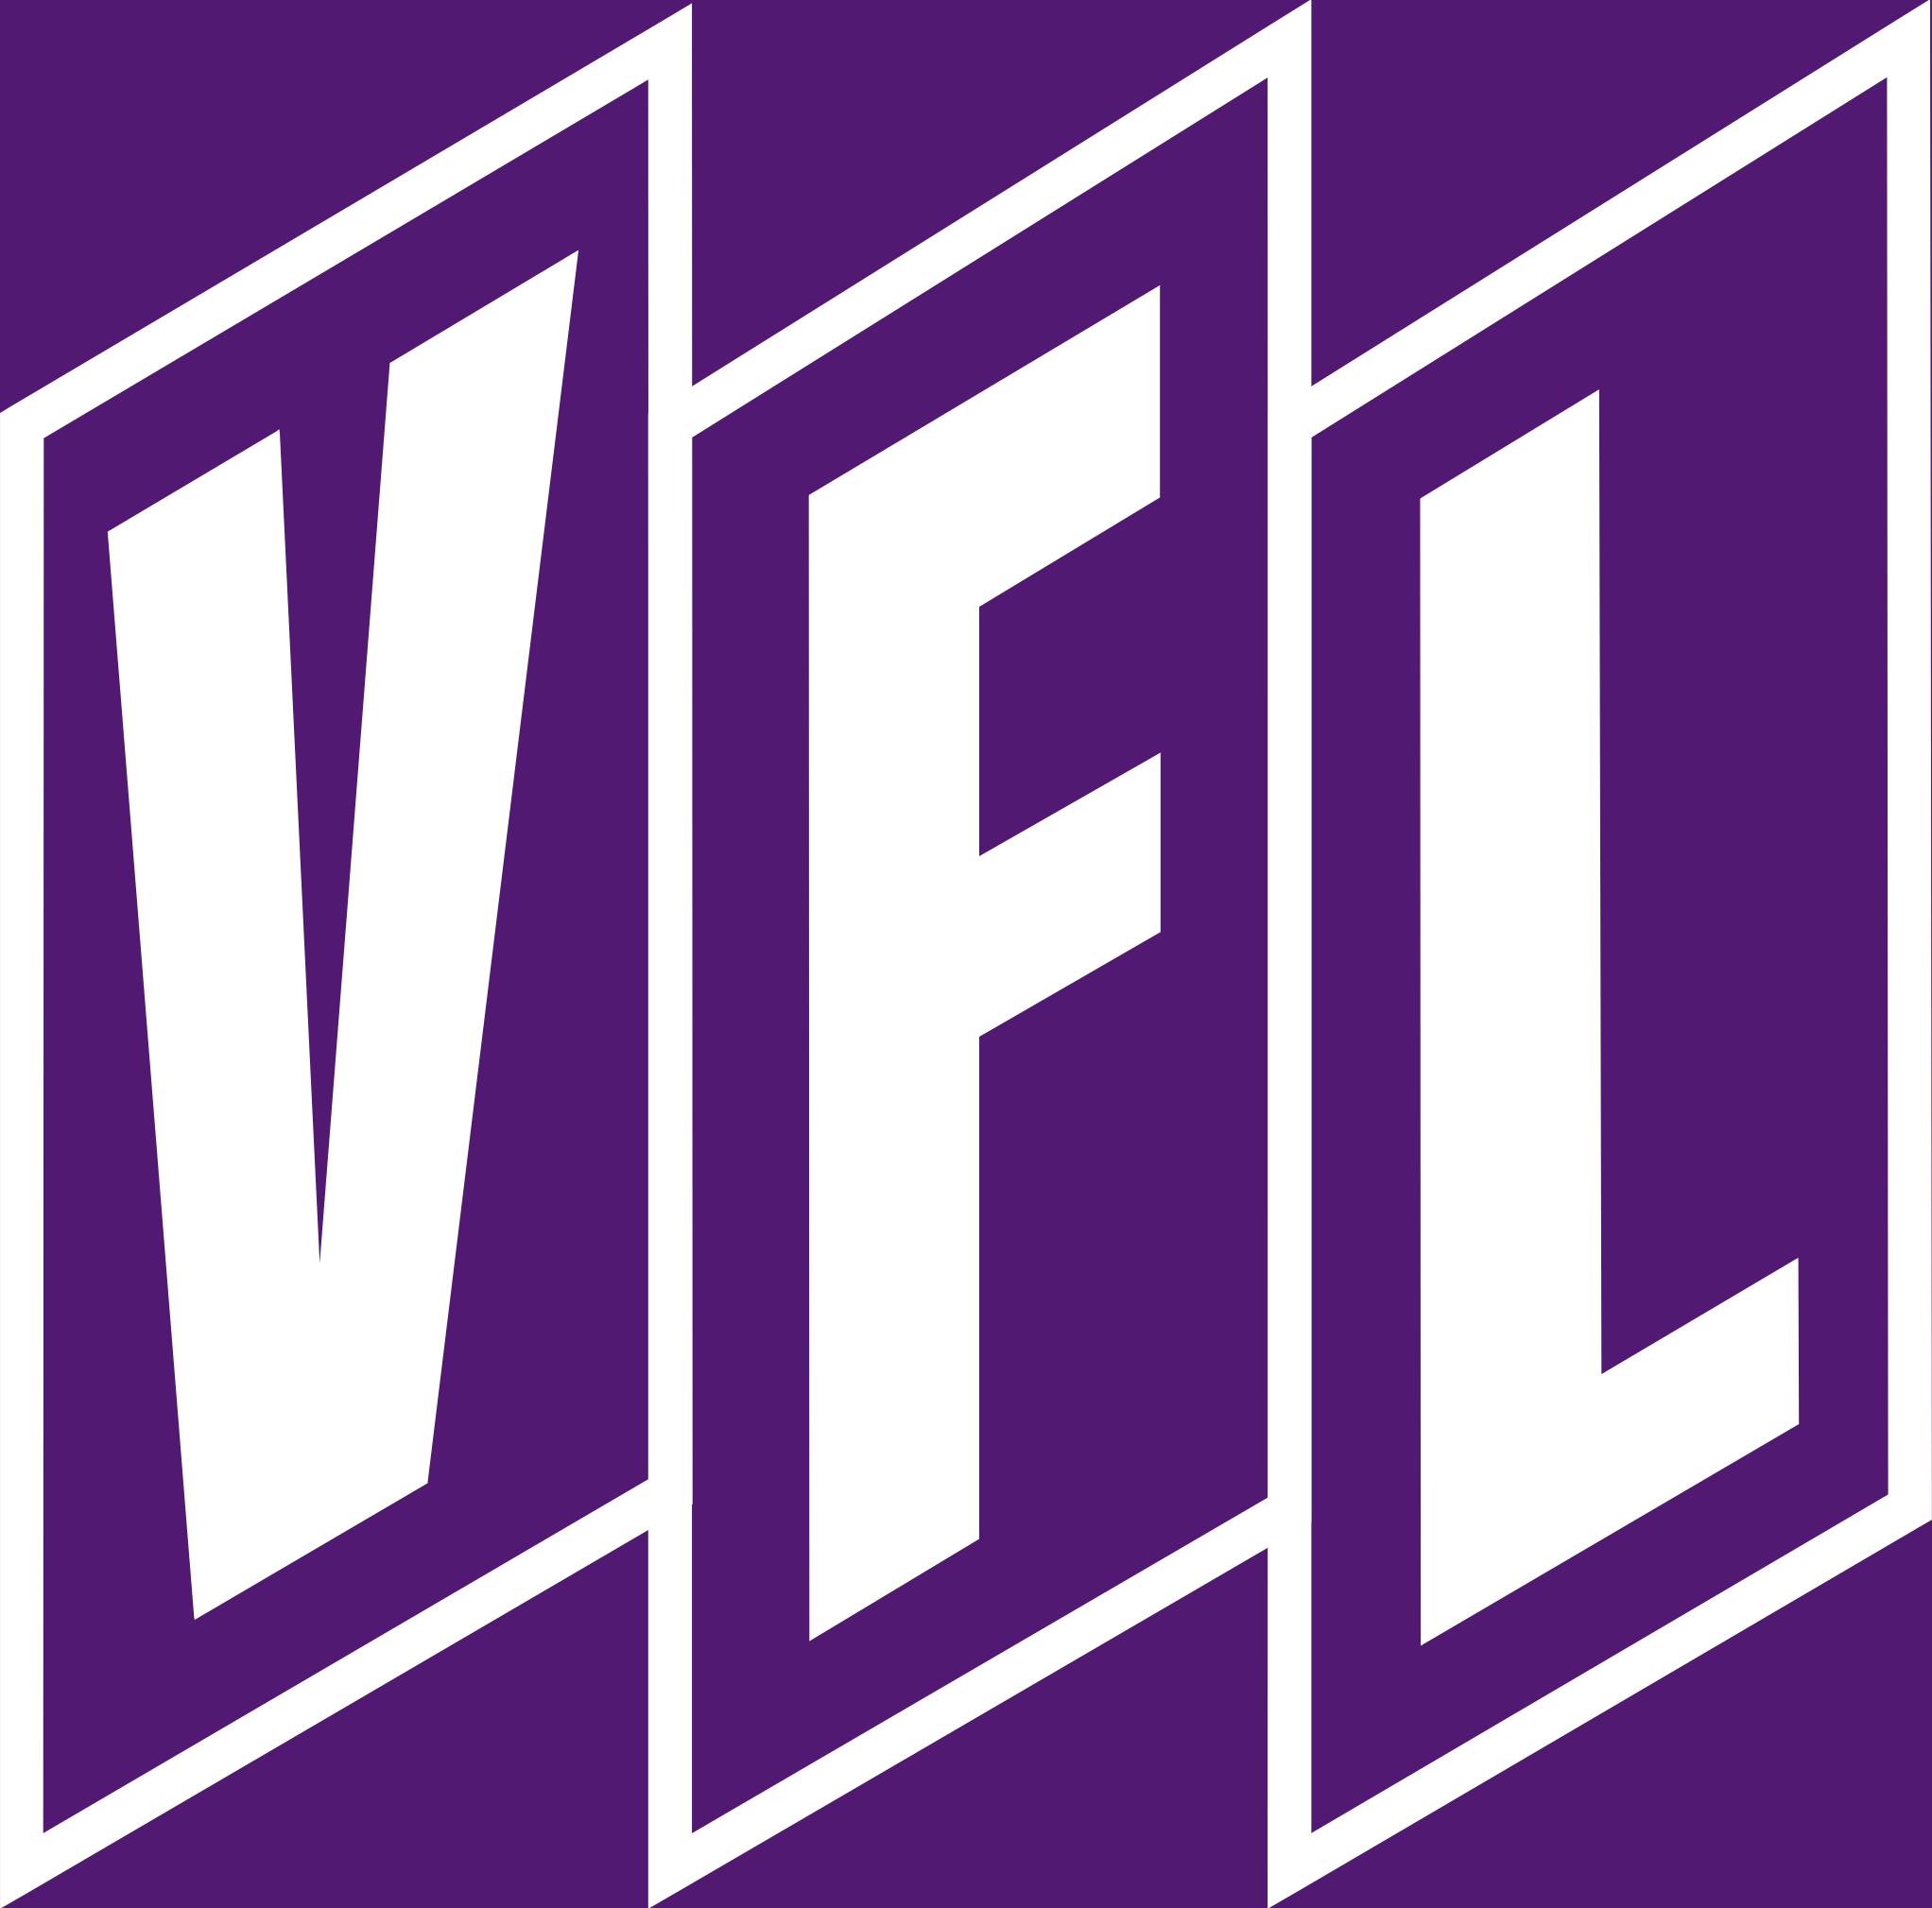 brand new 6d519 270e1 VfL Osnabrück – Wikipedia